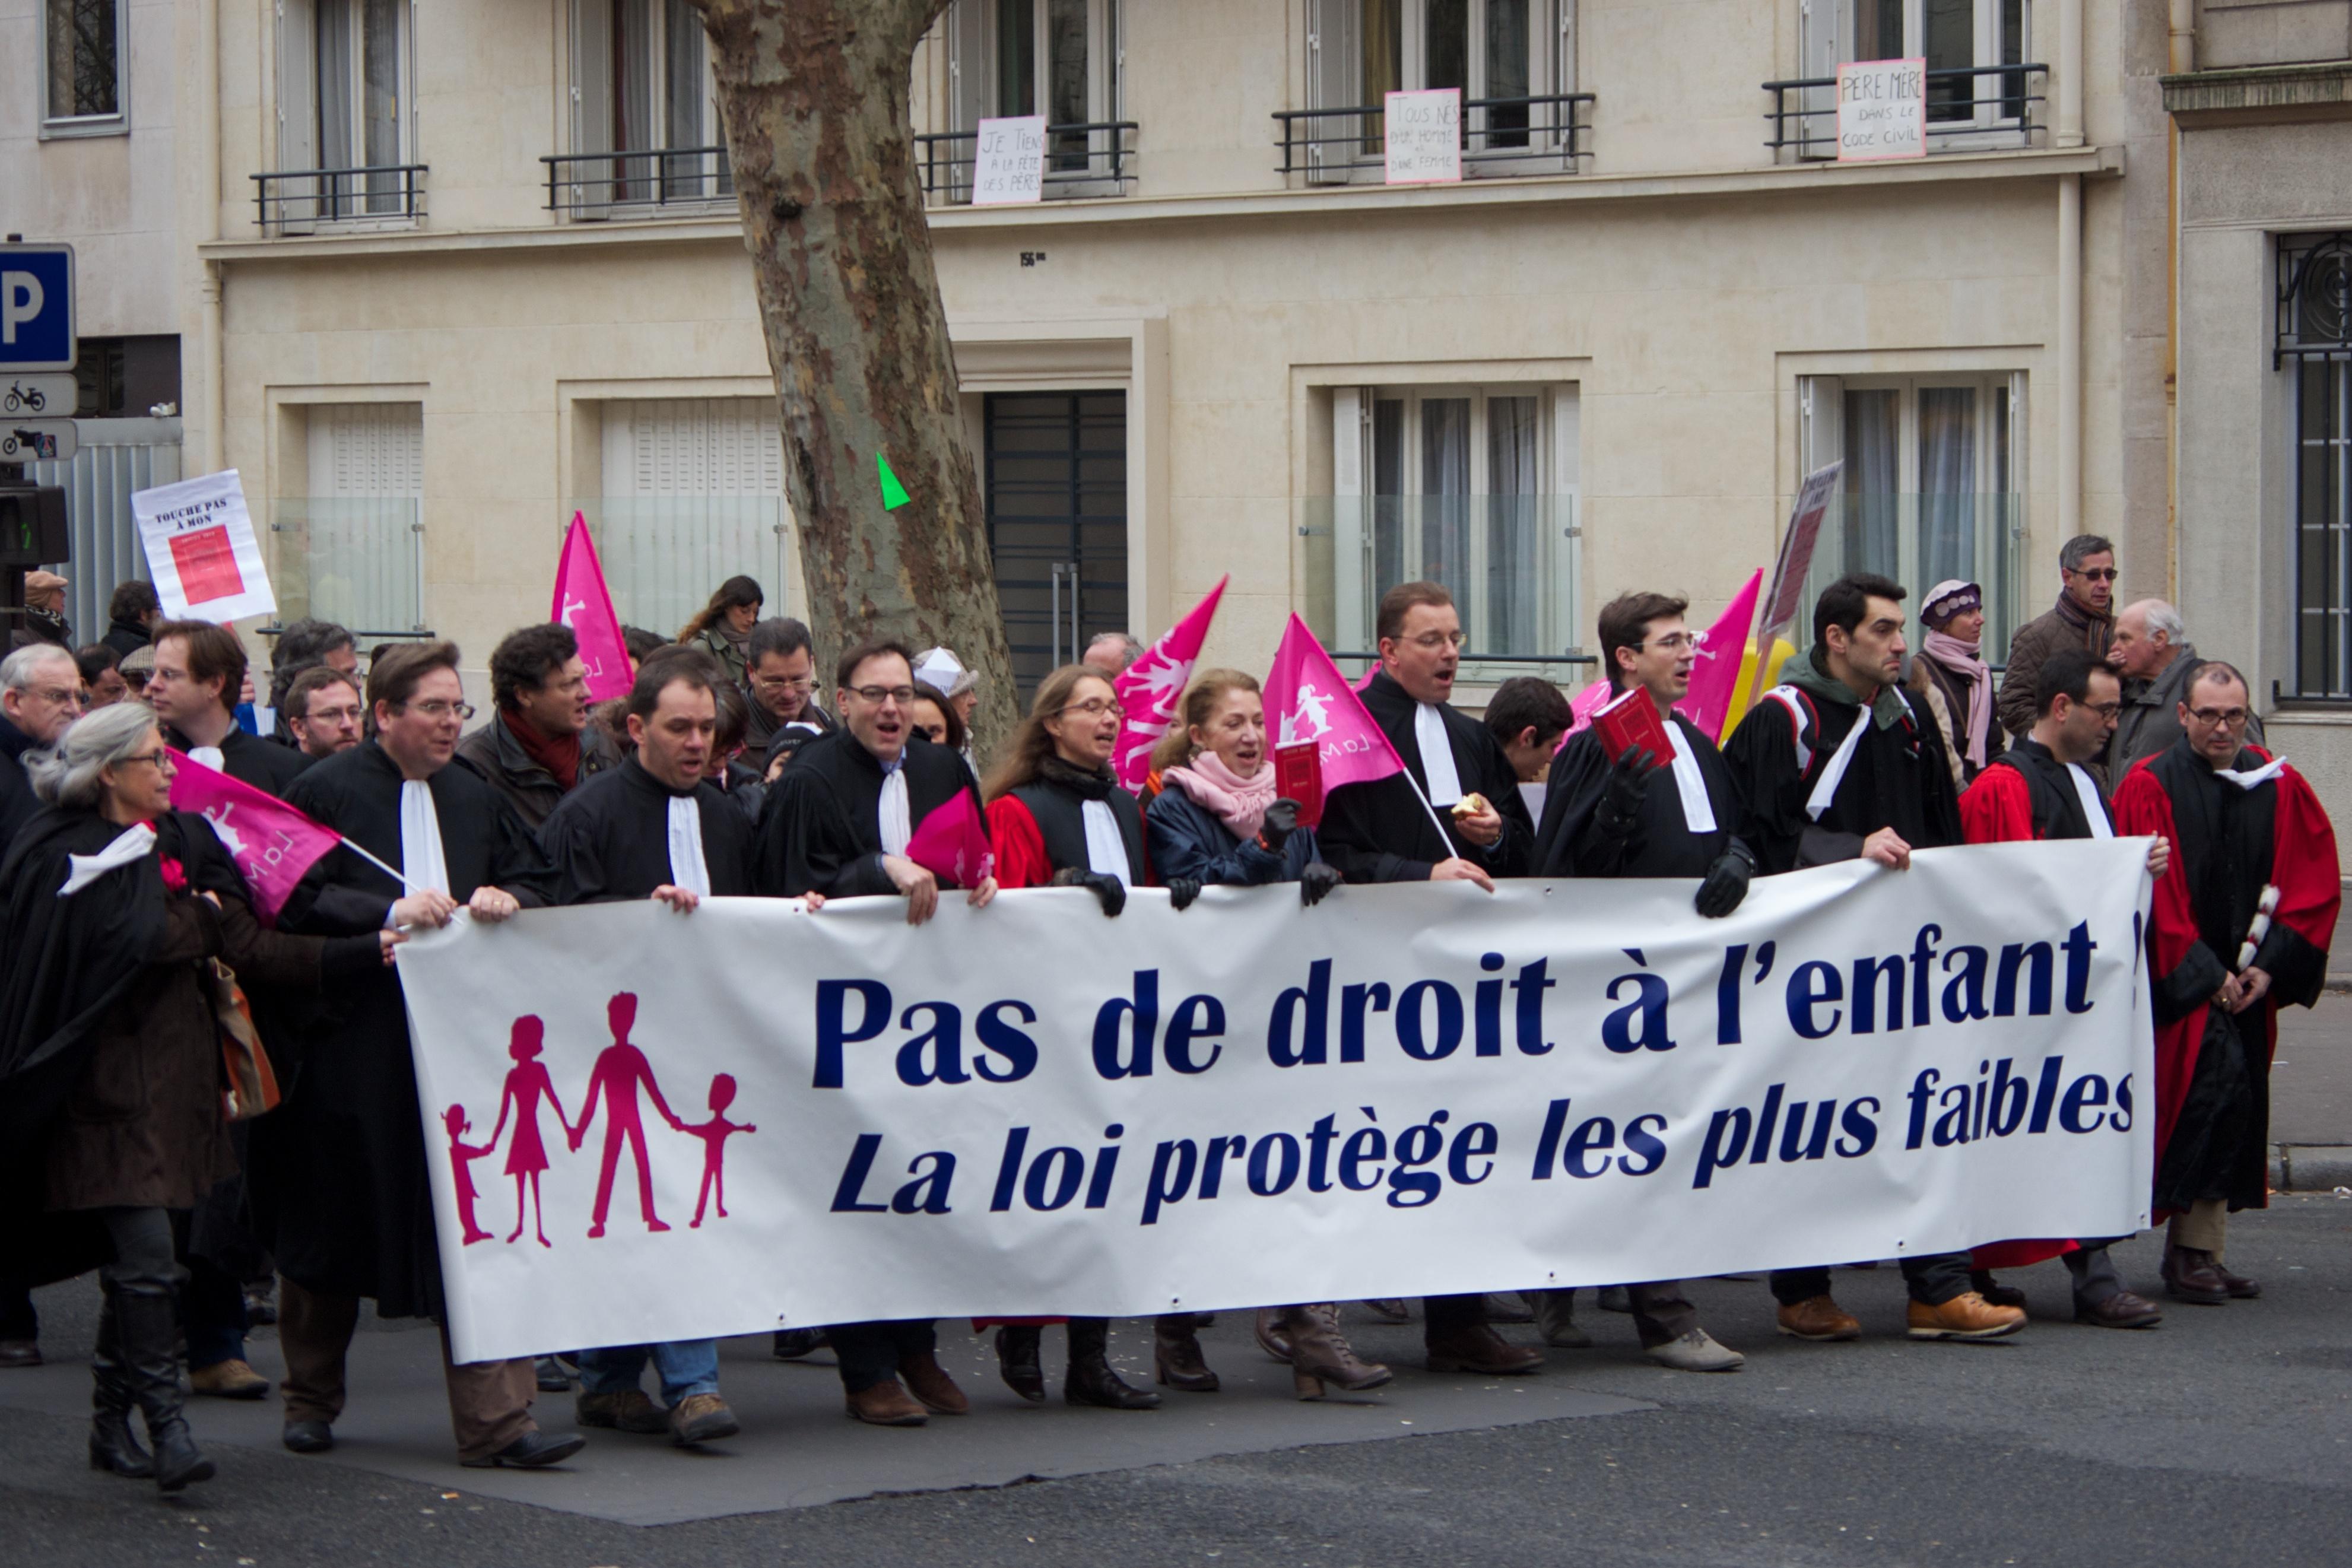 Des sympathisants de la Manif pour Tous se rassemblent contre l'ouverture de la PMA.